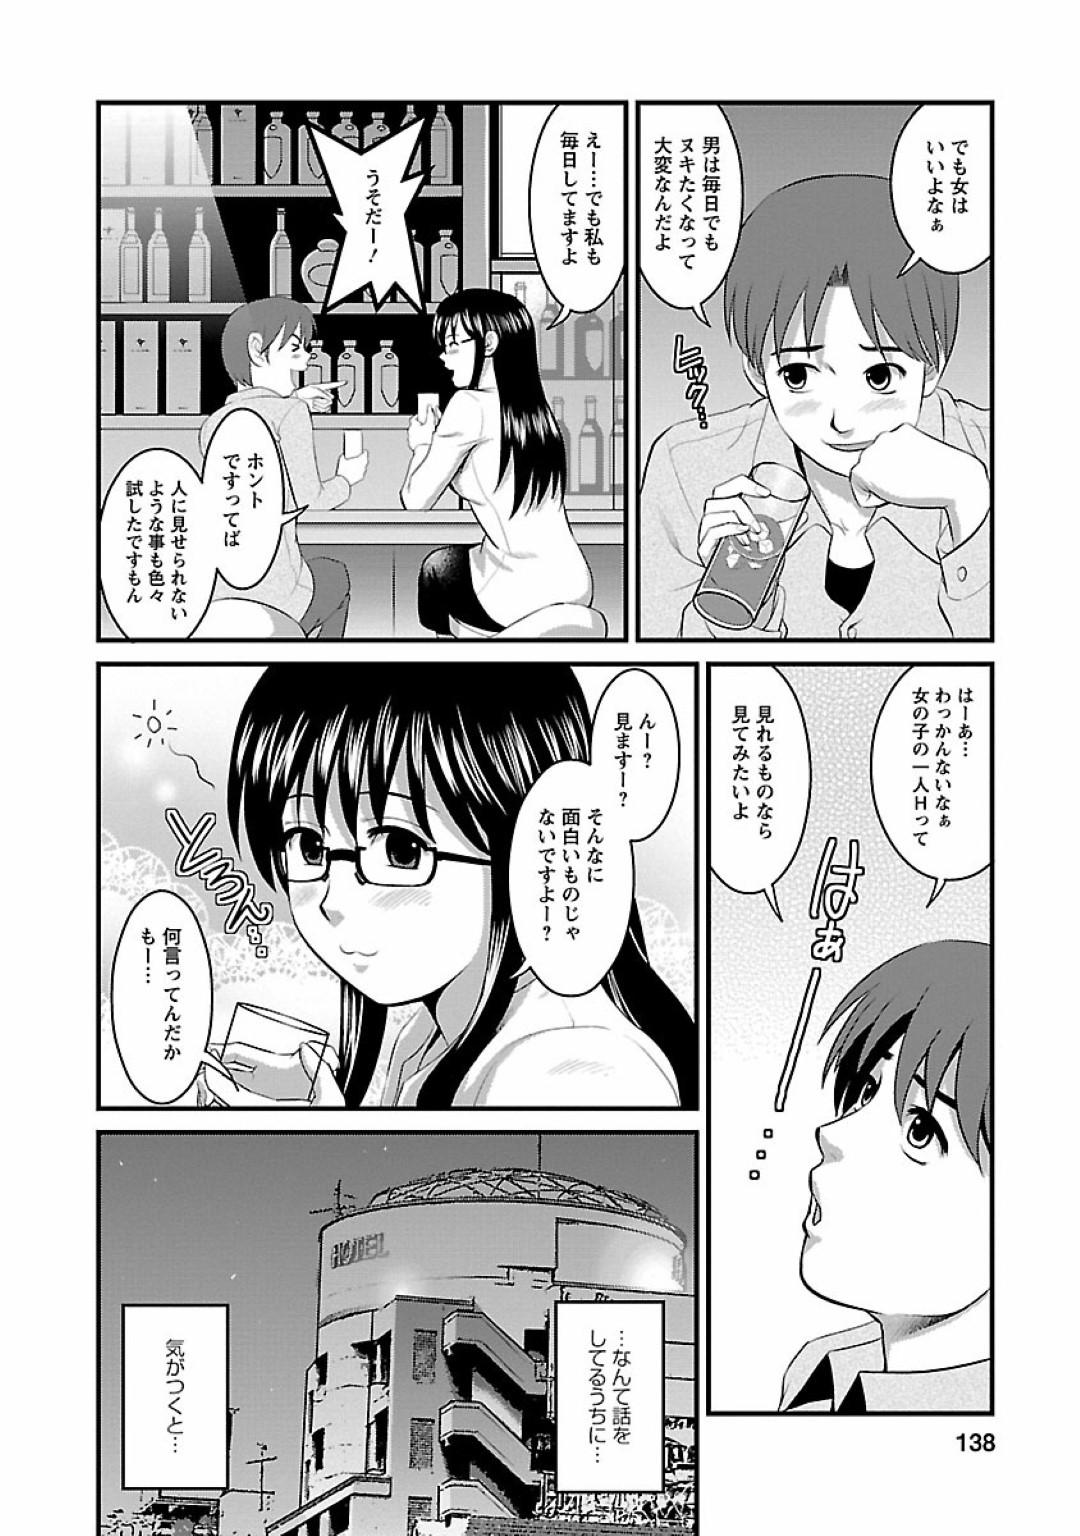 【エロ漫画】本屋へ訪れたオタク眼鏡JD…偶然そこで同じ本を求めていた青年とばったり会って仲良くなる。それがきっかけで二人はオナニーの見せあいをしたりセックスするようになり、ホテルで一日中ヤりまくるのだった。【彩画堂:おたくのメガミさん Miracle.7】